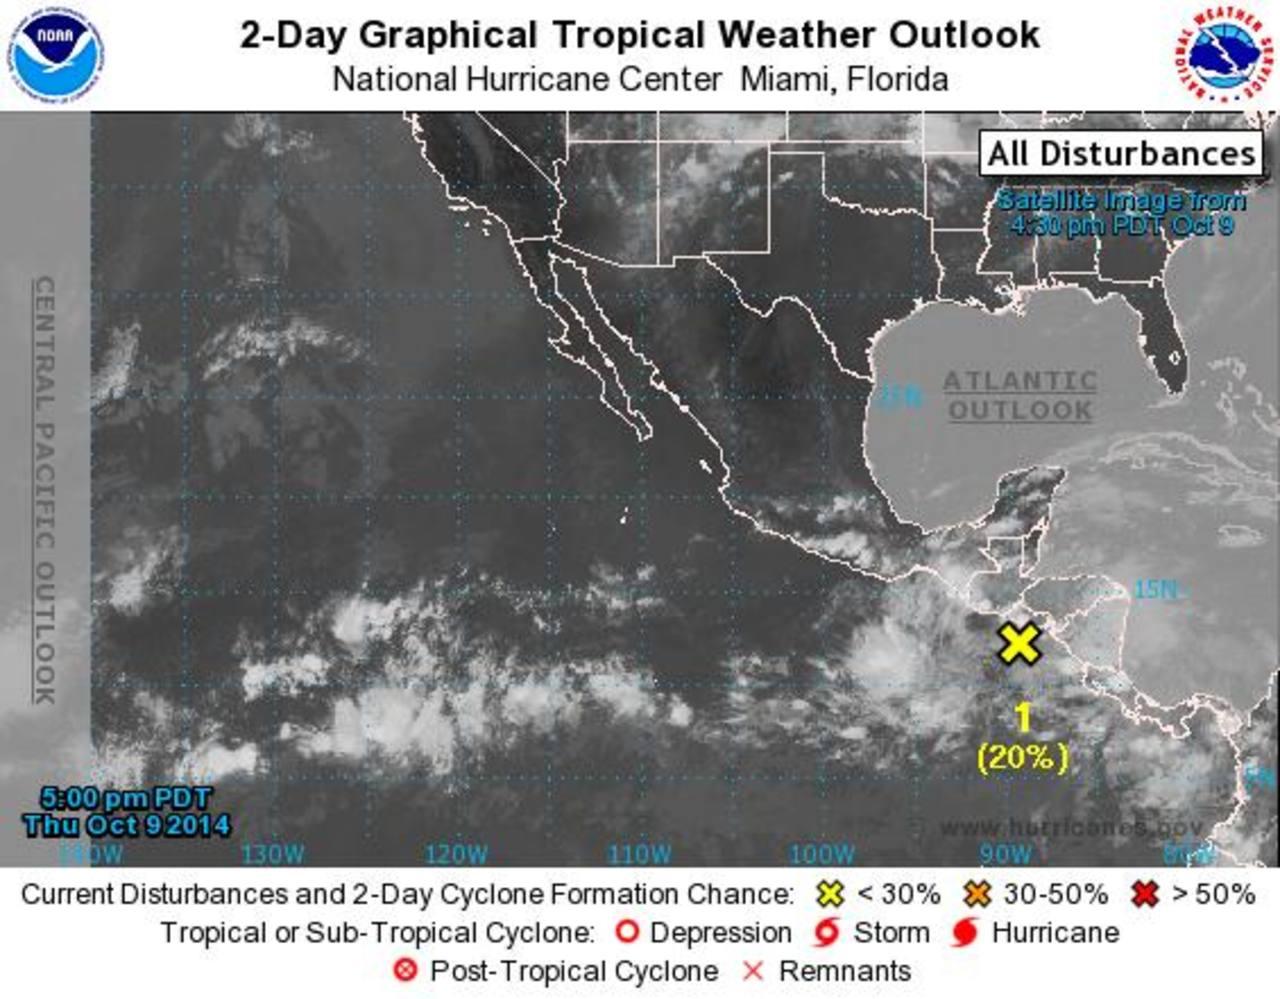 La imagen satelital de Centro Nacional de Huracanes, en Miami, Estados Unidos, ubica el fenómeno atmosférico en la costa del Pacífico y afectará todo Centro América.